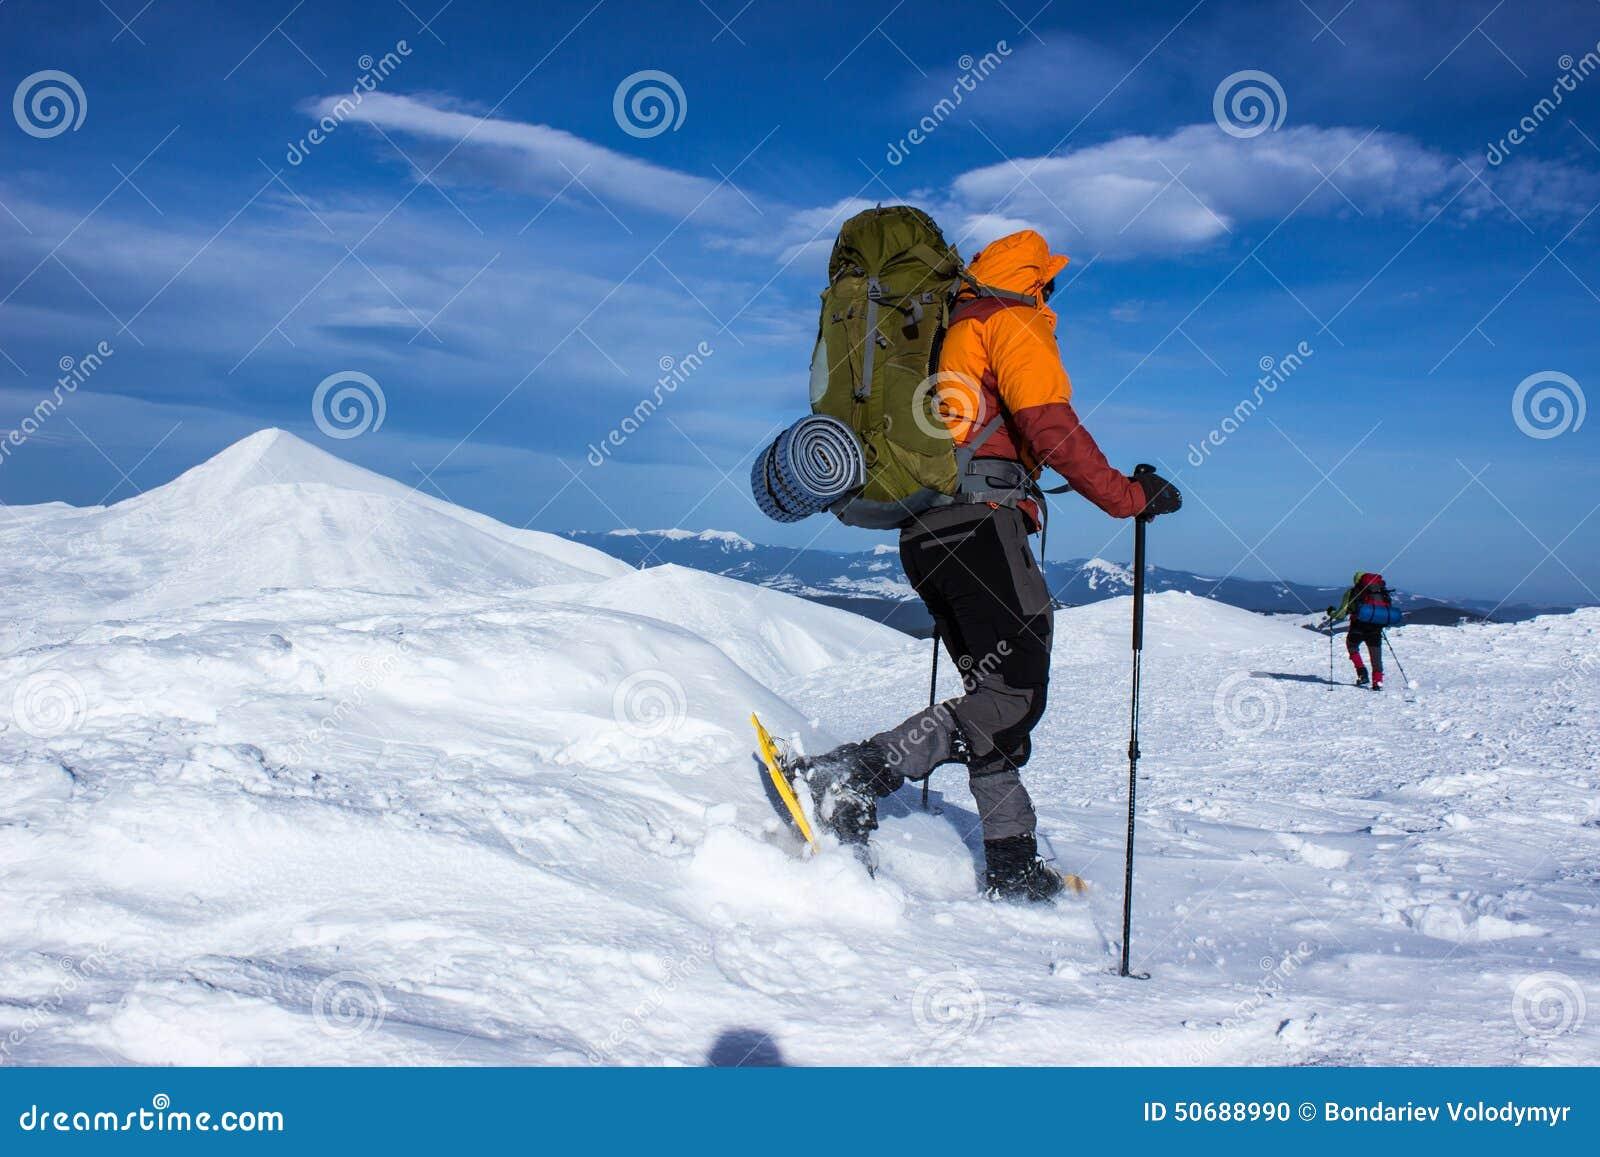 Download 远足在雪靴的山的冬天有背包和帐篷的 库存照片. 图片 包括有 高涨, 室外, 云彩, 体育运动, 活动家 - 50688990